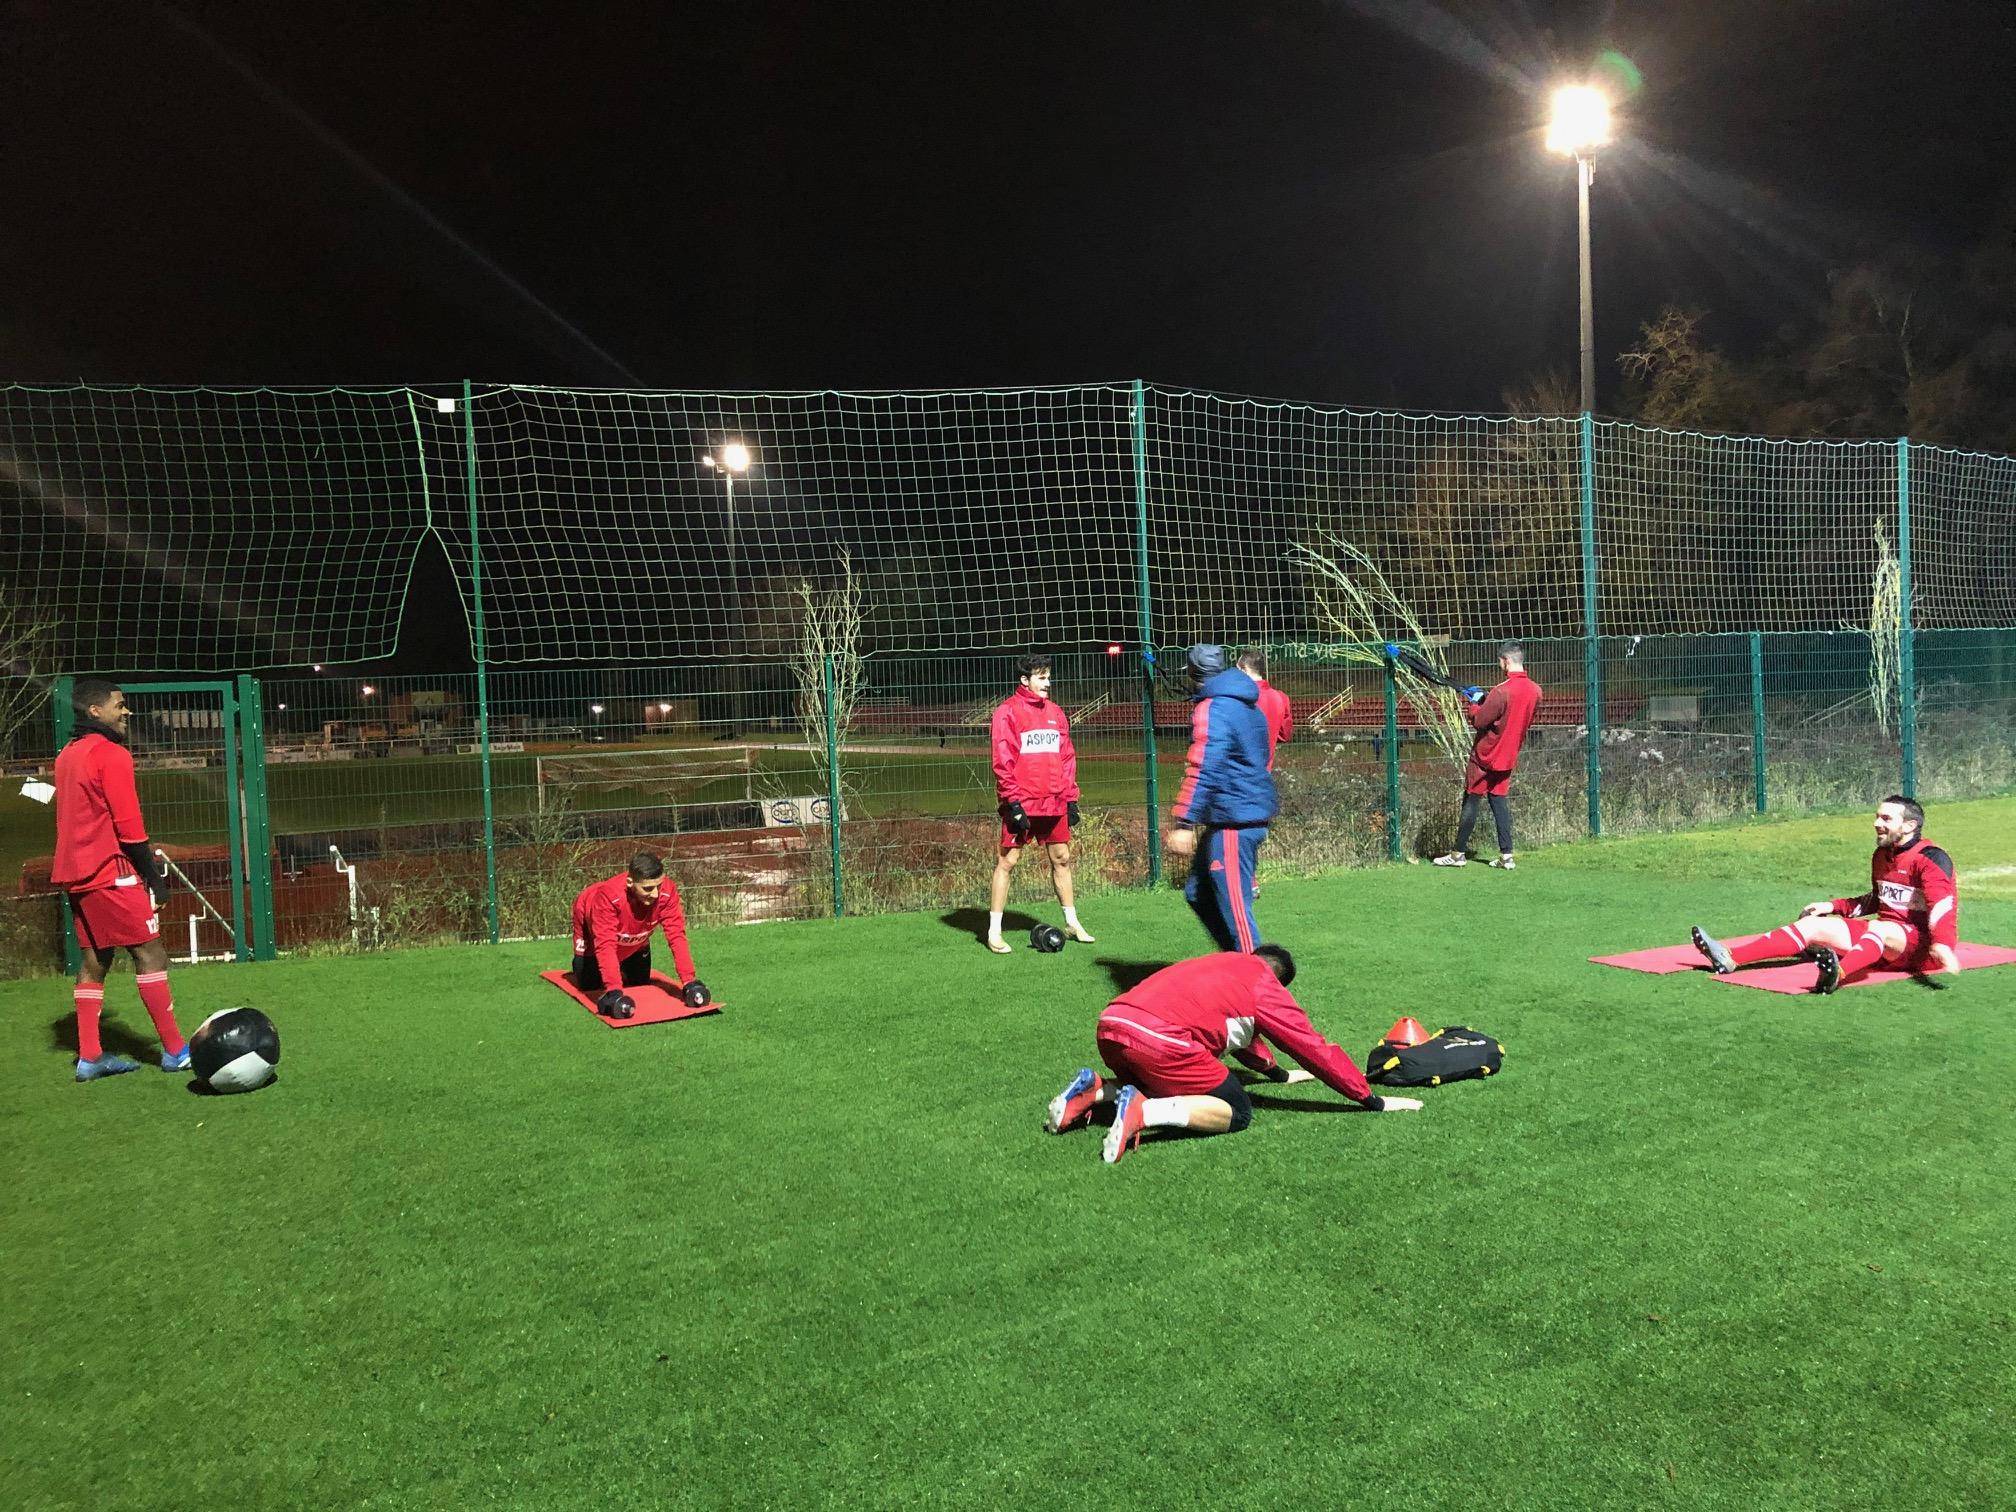 La reprise au CS FOLA Esch: 1e match prévu contre le FC Metz réserves le 18/01/2020